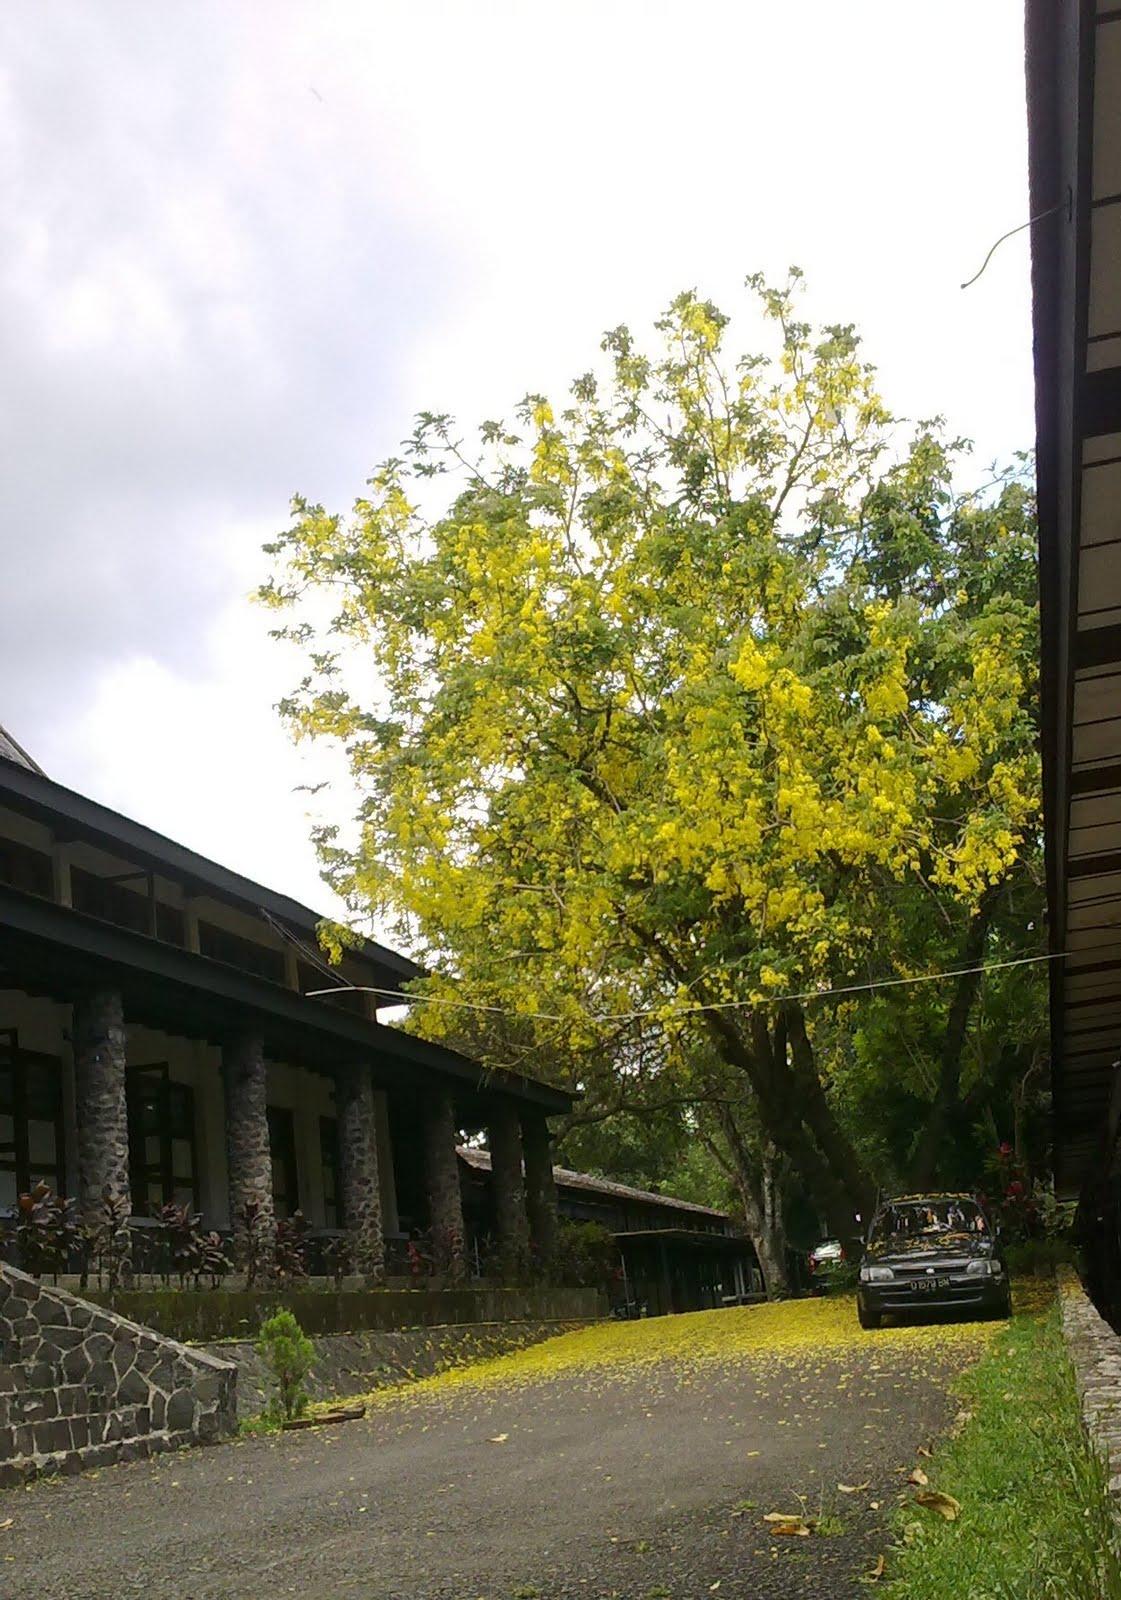 https://i2.wp.com/3.bp.blogspot.com/_Ug9sb9IJXvA/S-ICDBOa5UI/AAAAAAAAAQ8/oK0TuM8OElg/s1600/falls+yellow+tree.jpg